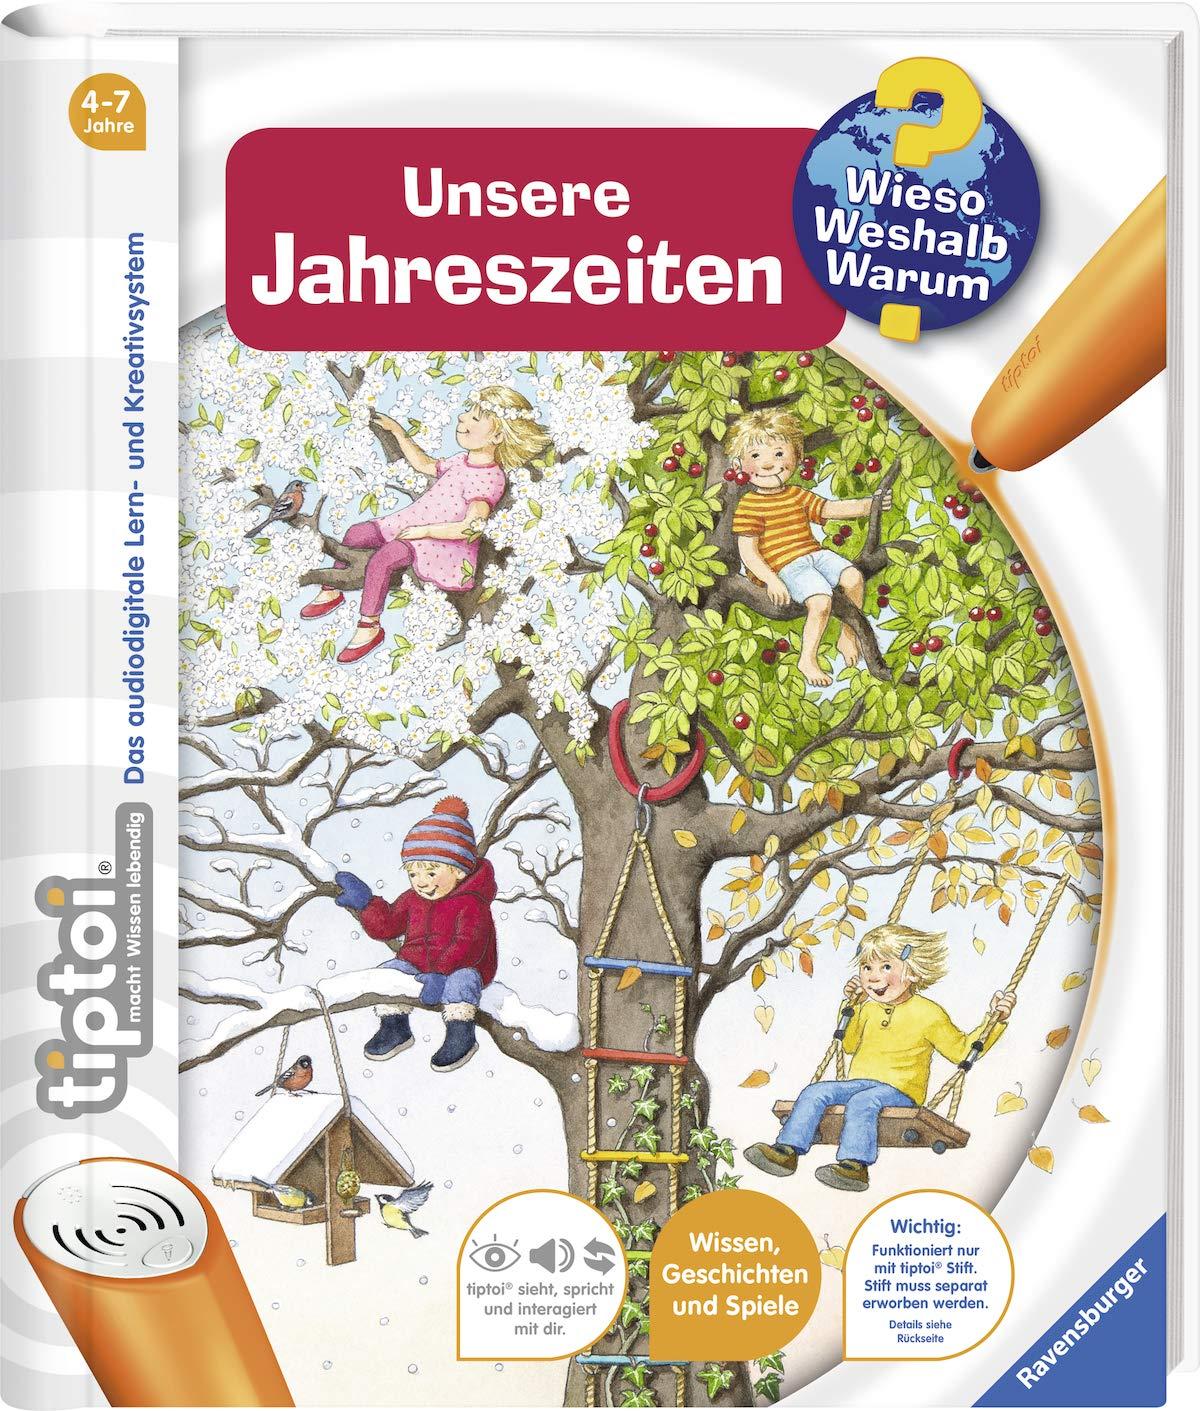 tiptoi® Unsere Jahreszeiten (tiptoi® Wieso? Weshalb? Warum?, Band 18) Spiralbindung – 26. August 2015 Inka Friese Constanze Schargan Ravensburger Buchverlag 3473329185